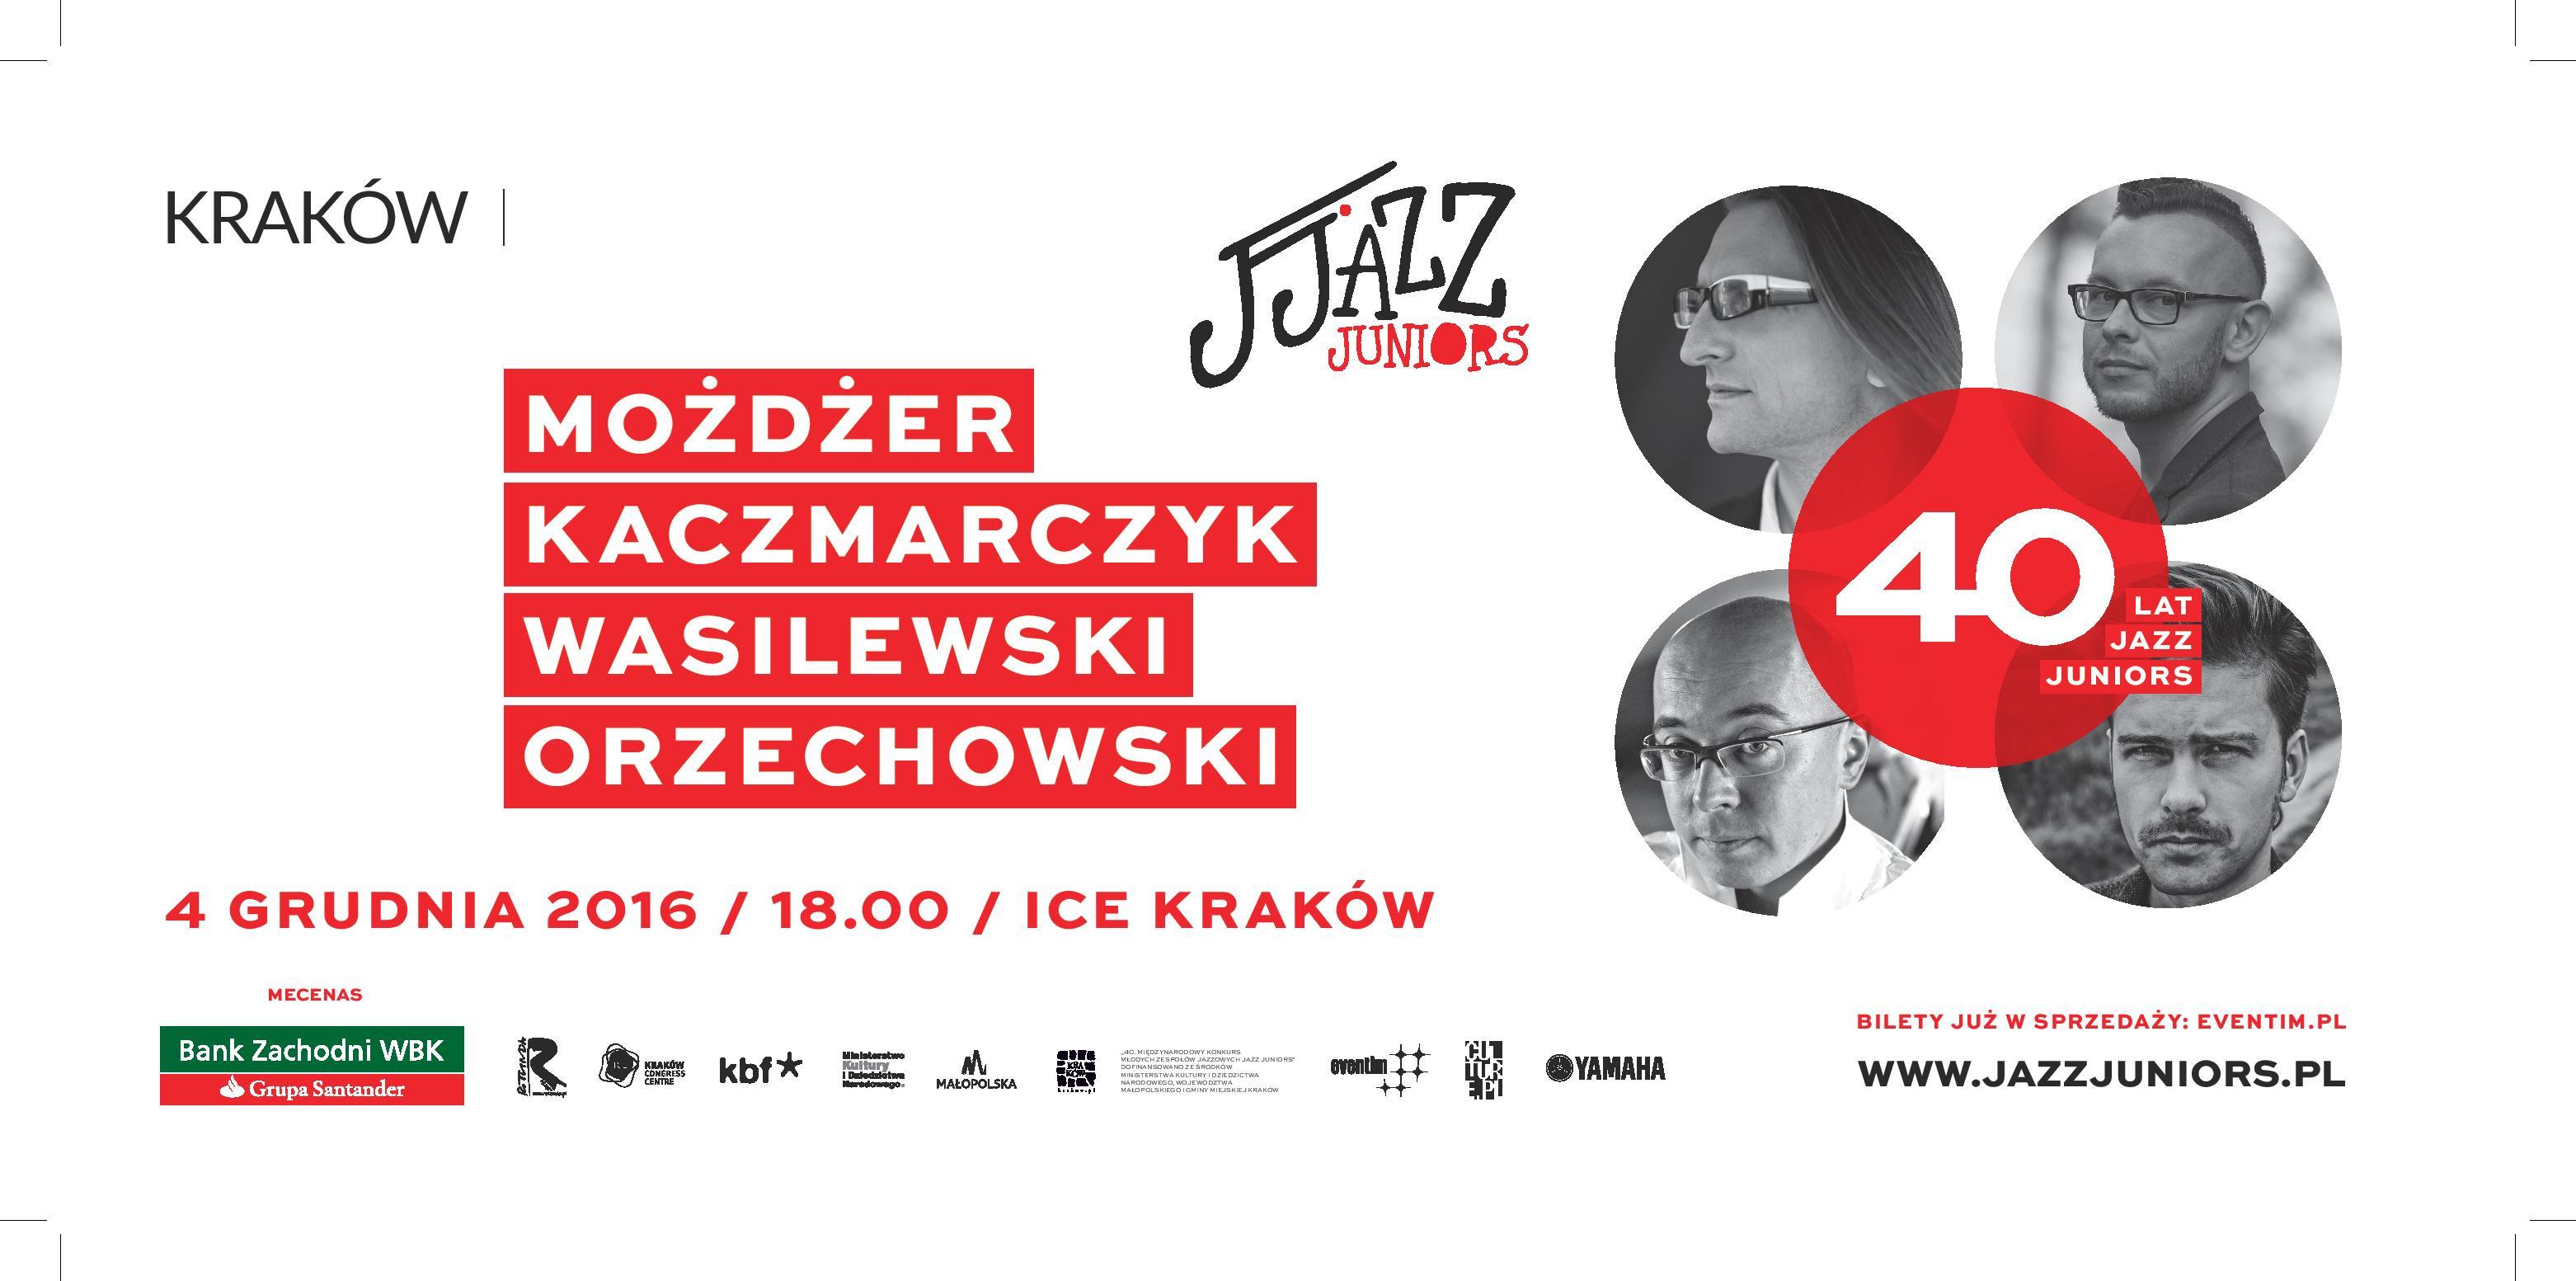 Międzynarodowy Konkurs Młodych Zespołów Jazzowych Jazz Juniors (źródło: materiały prasowe organizatora)